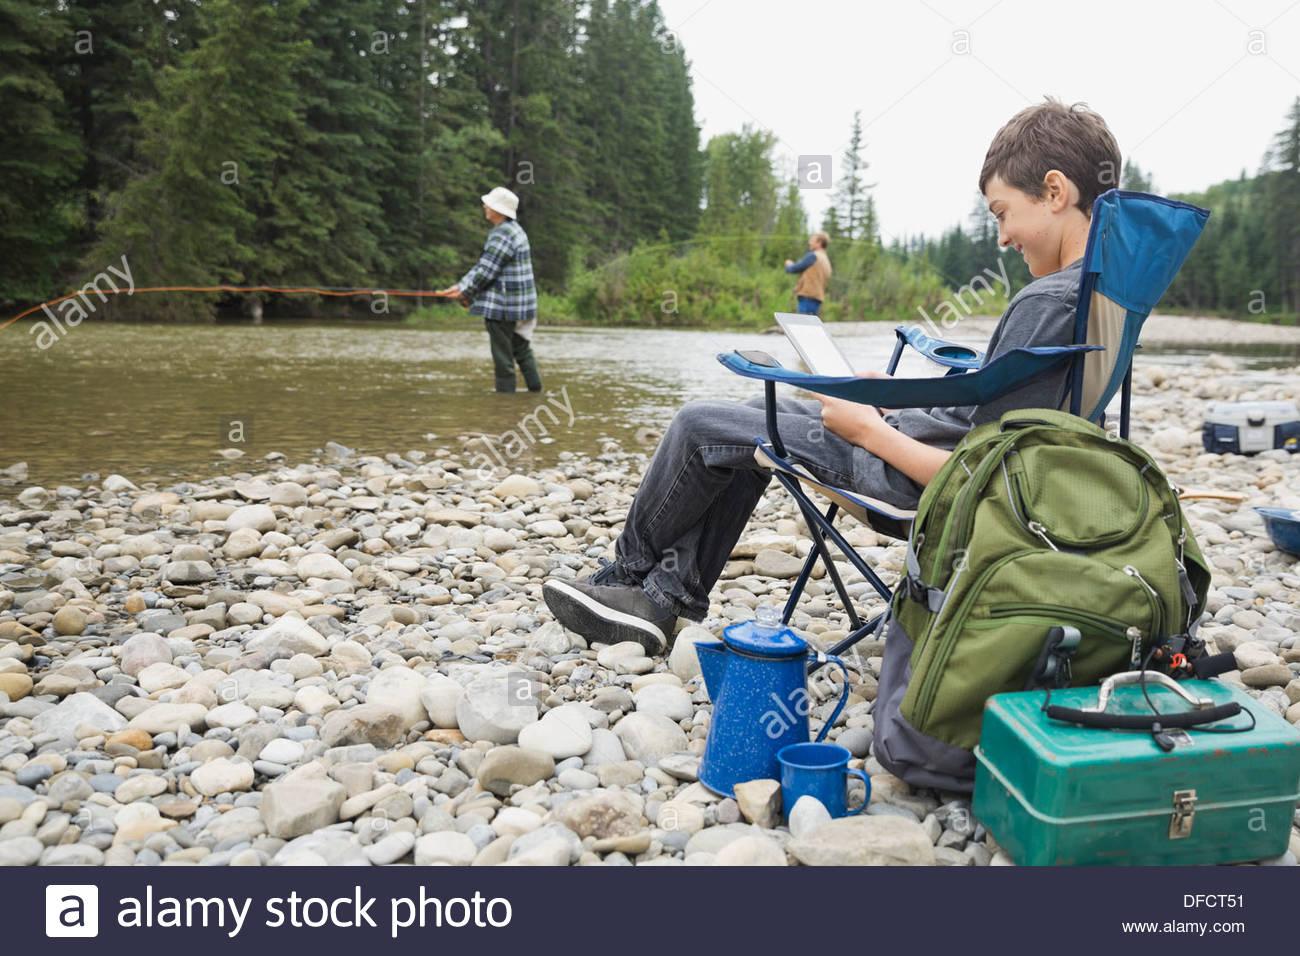 Boy utilizando tablet digital mientras toma un descanso de la pesca Imagen De Stock